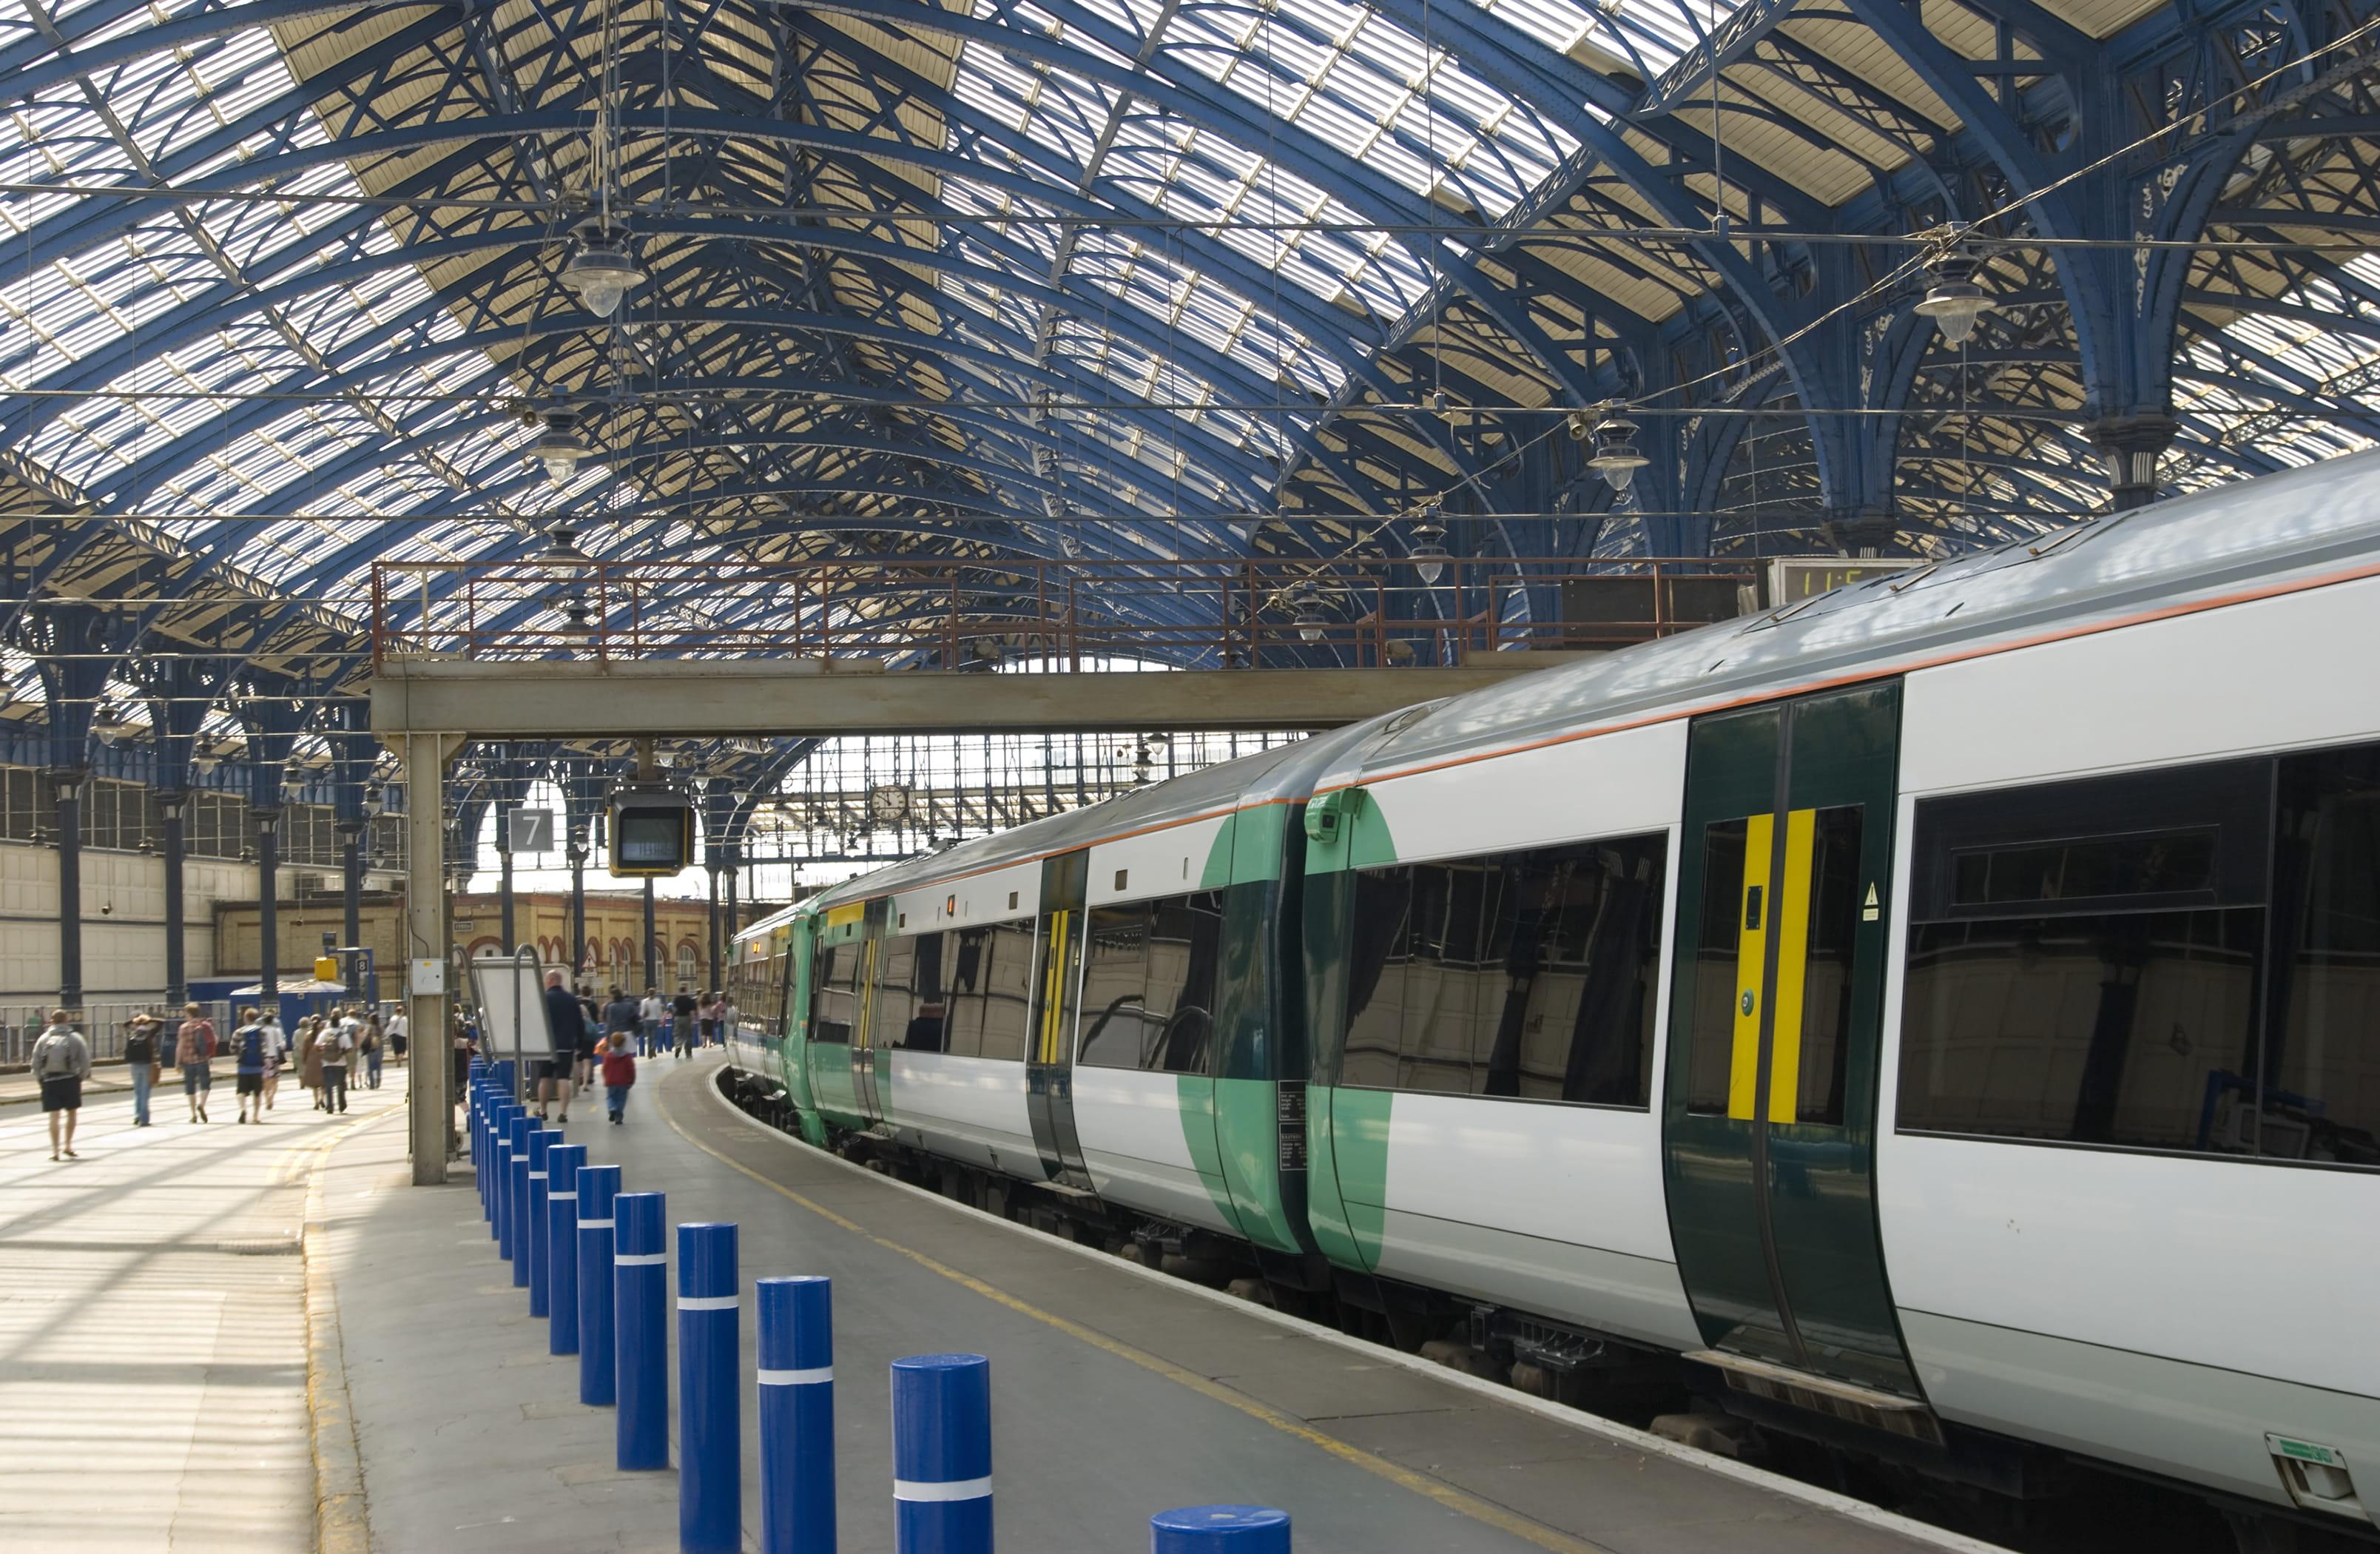 www.southernrailway.com